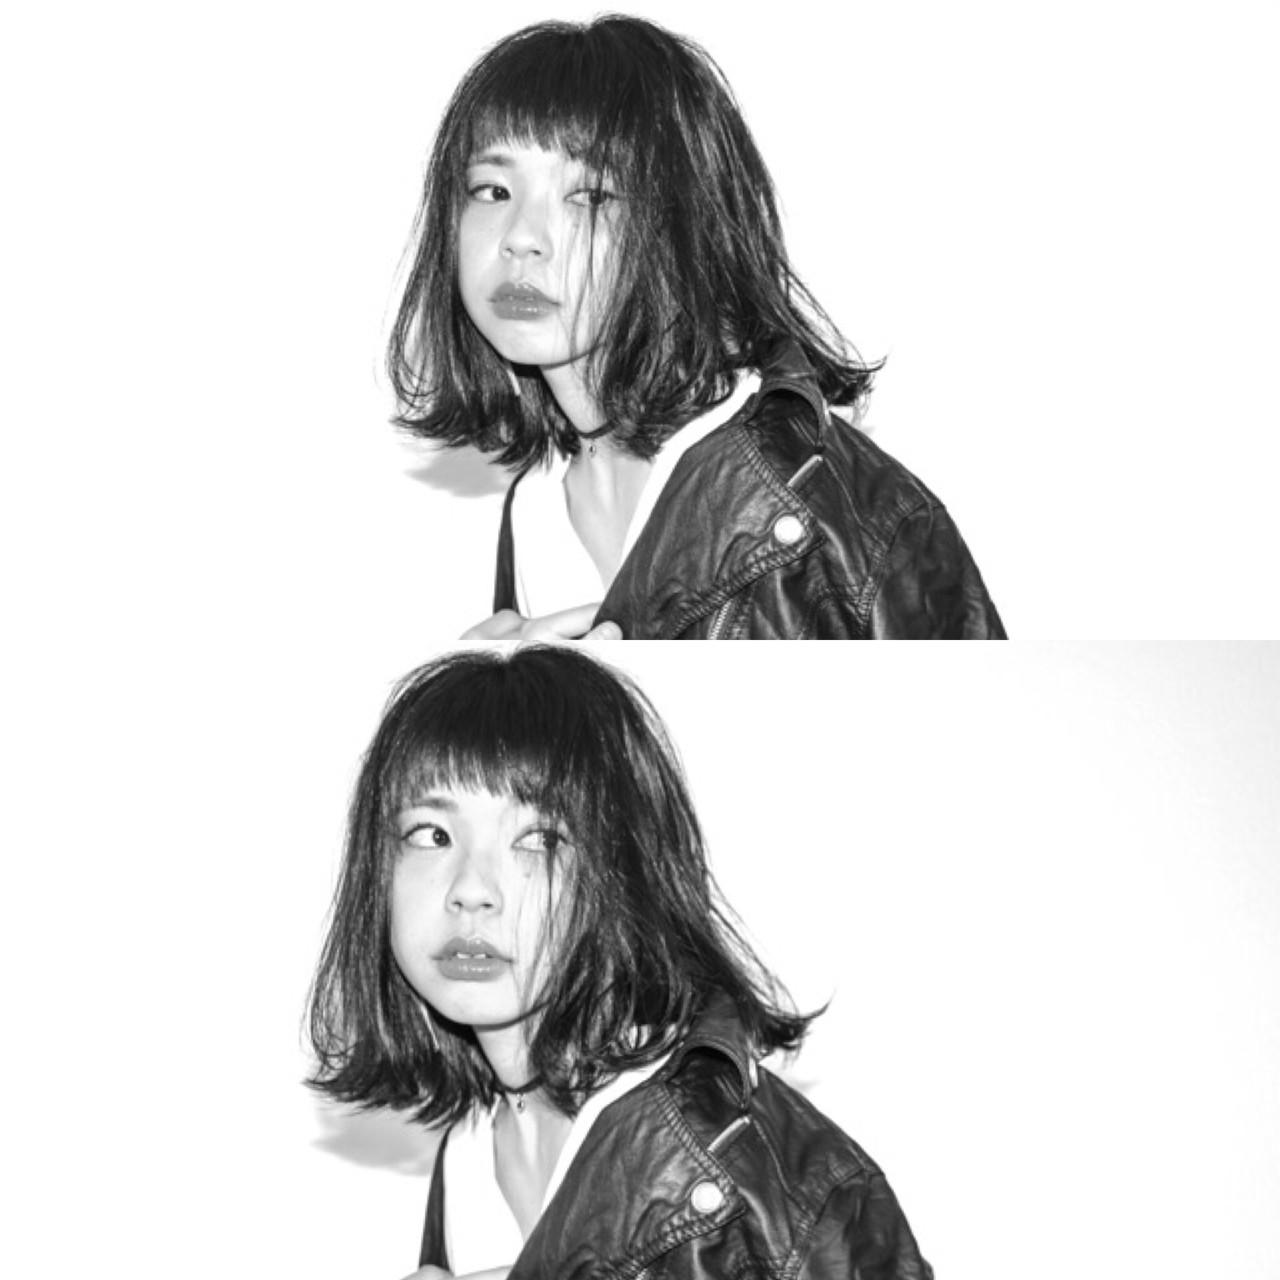 モード パーマ 黒髪 デート ヘアスタイルや髪型の写真・画像